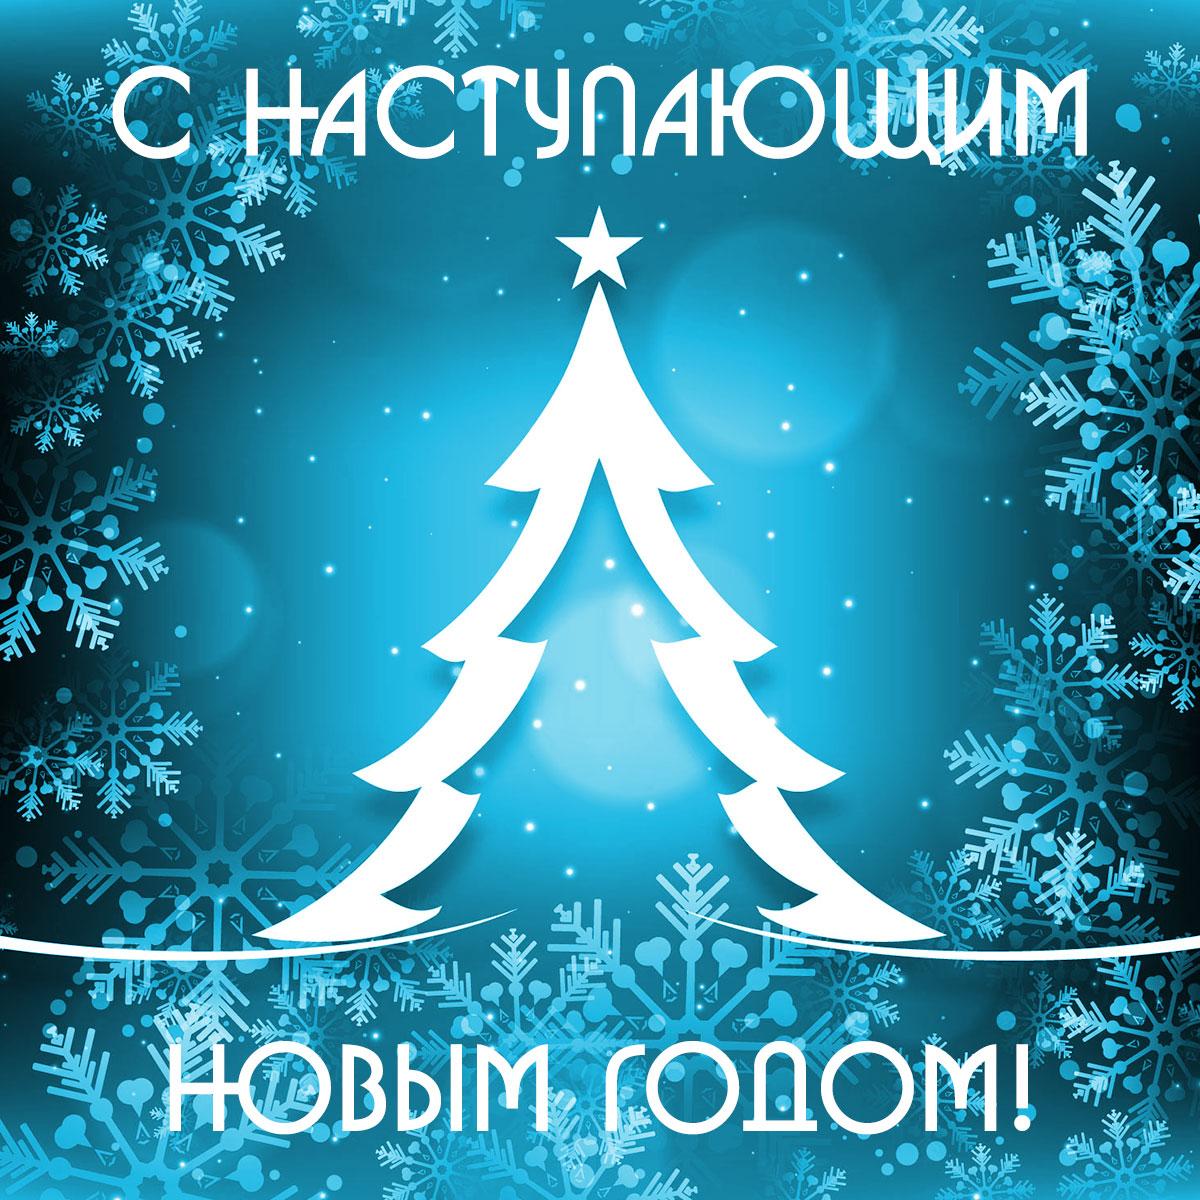 Картинка с текстом на новый год на телефон с ёлкой и снежинками на синем зимнем фоне.